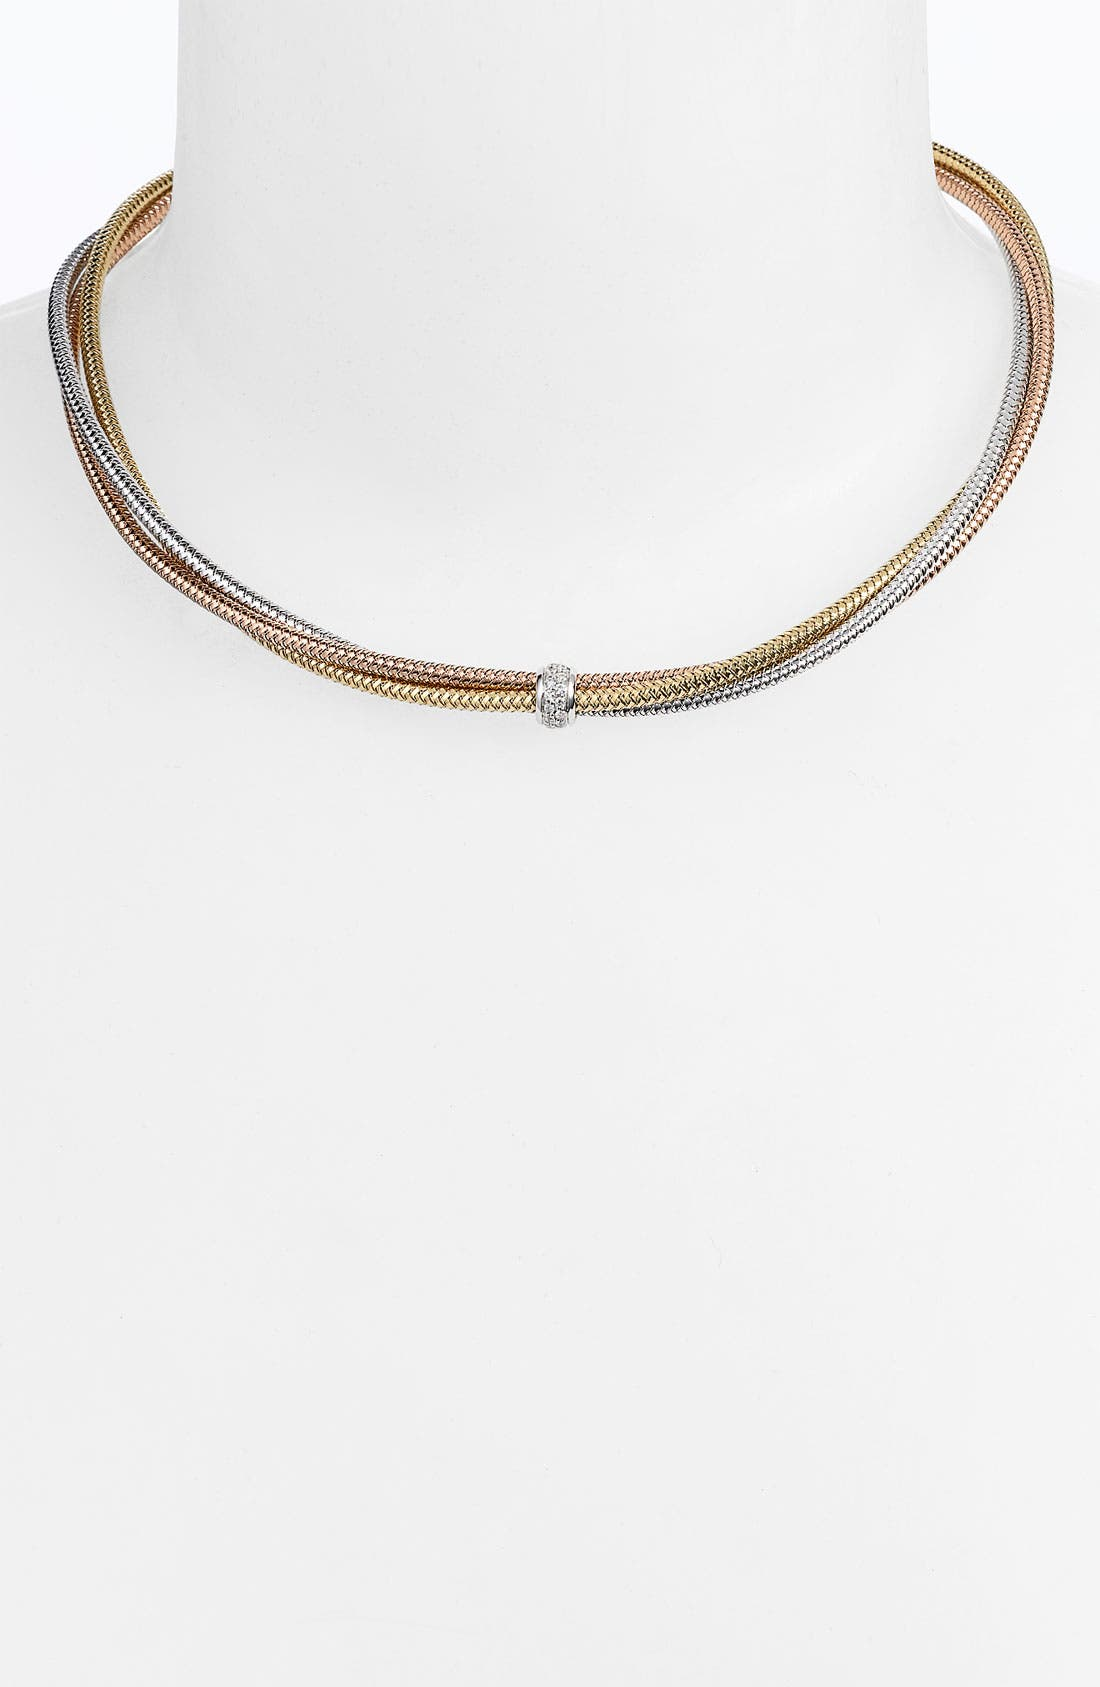 Main Image - Roberto Coin 'Mini Primavera' Triple Strand Diamond Necklace